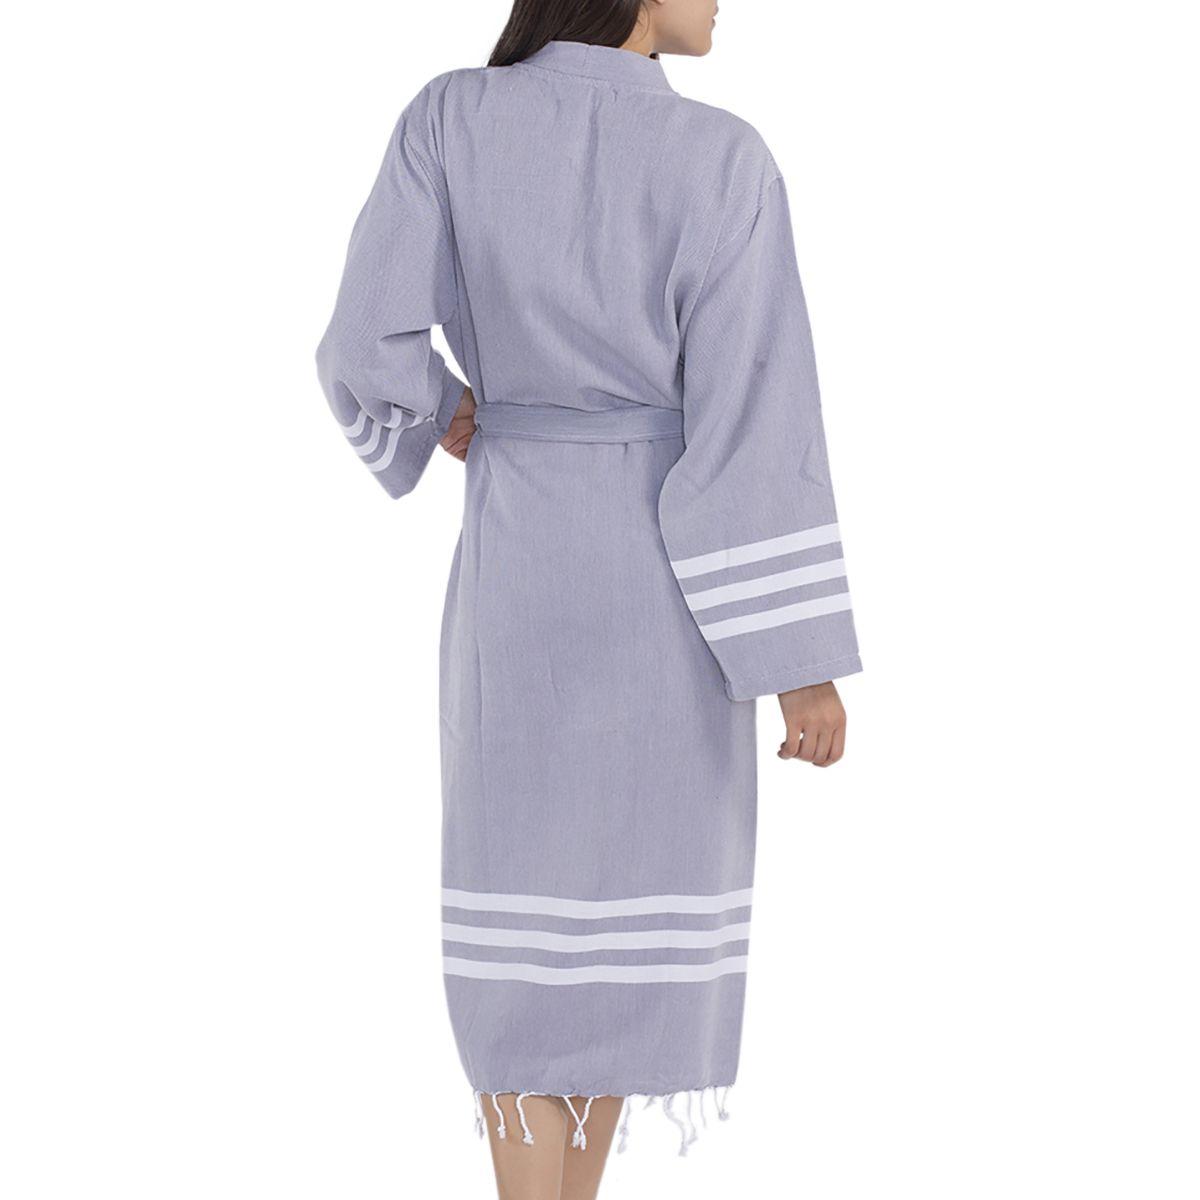 Bathrobe Bala Sultan kimono - Dark Grey